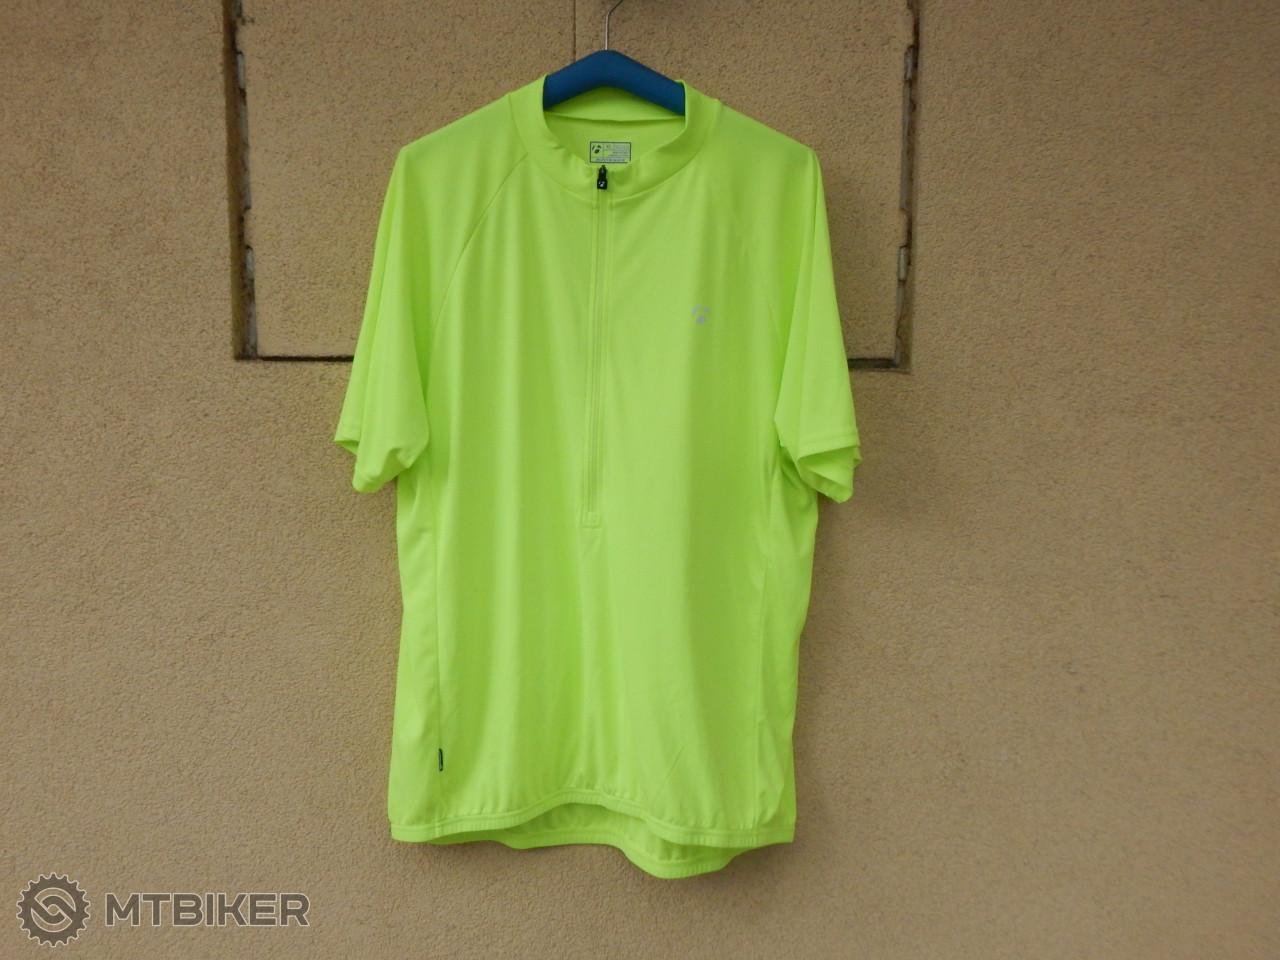 1ee653935 Predám čisto Nové Cyklistické Tričko Bontrager - Príslušenstvo - Oblečenie  a batohy - Bazár MTBIKER